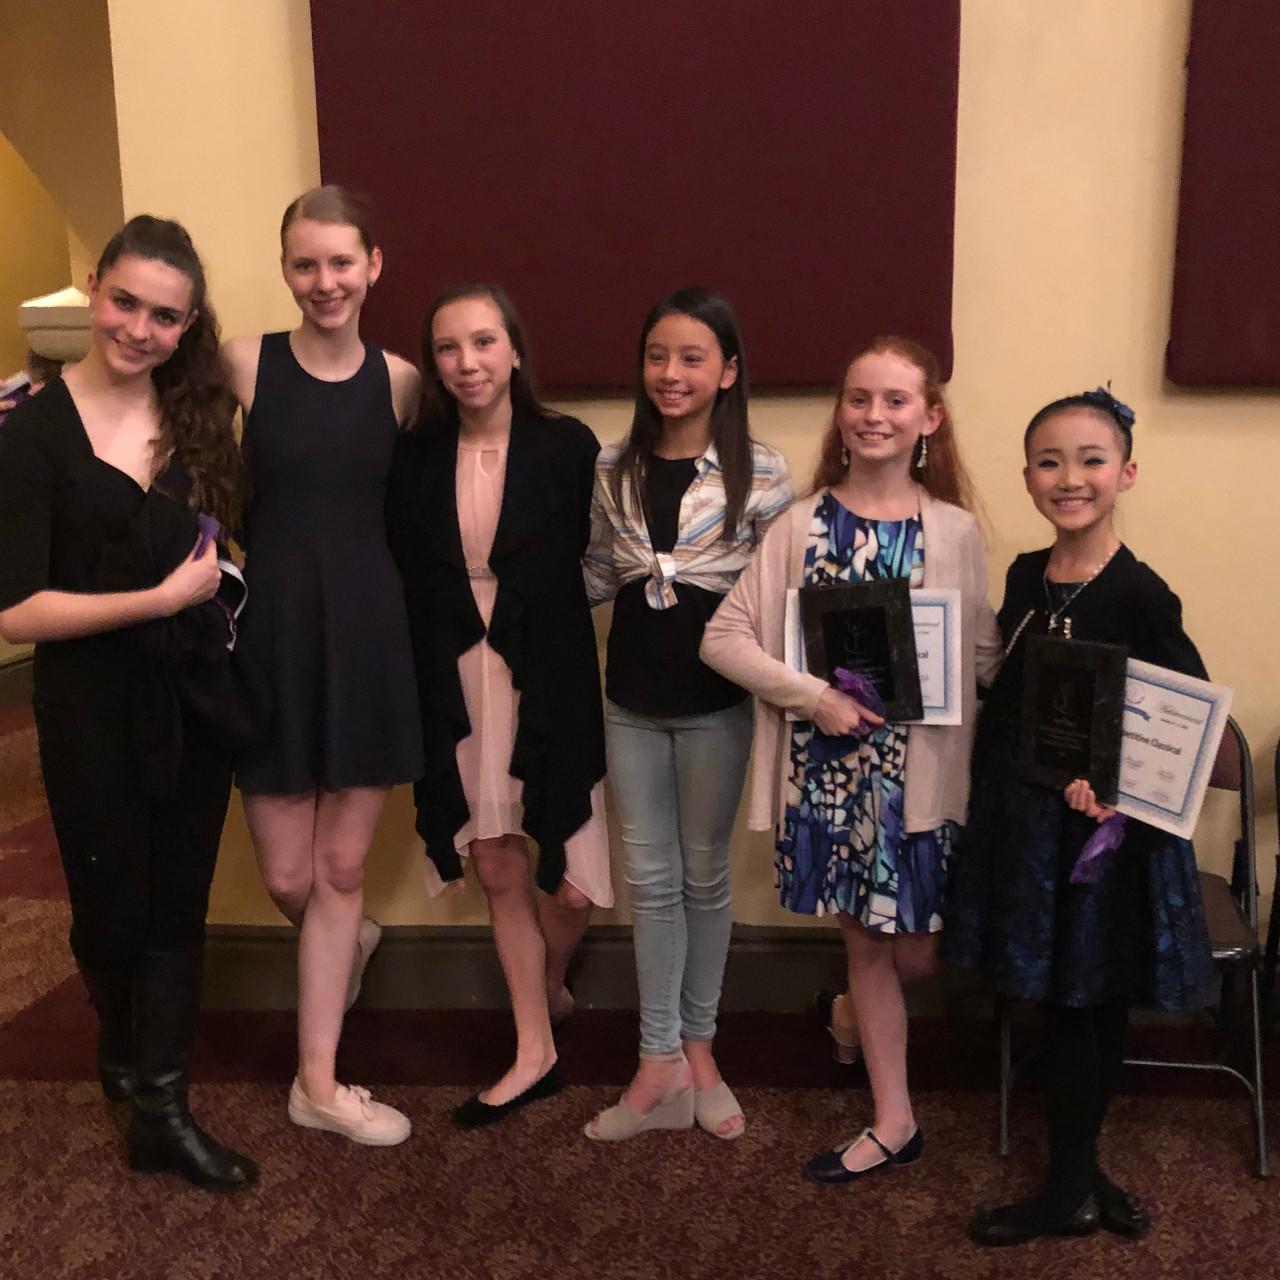 Dancers gather after awards.